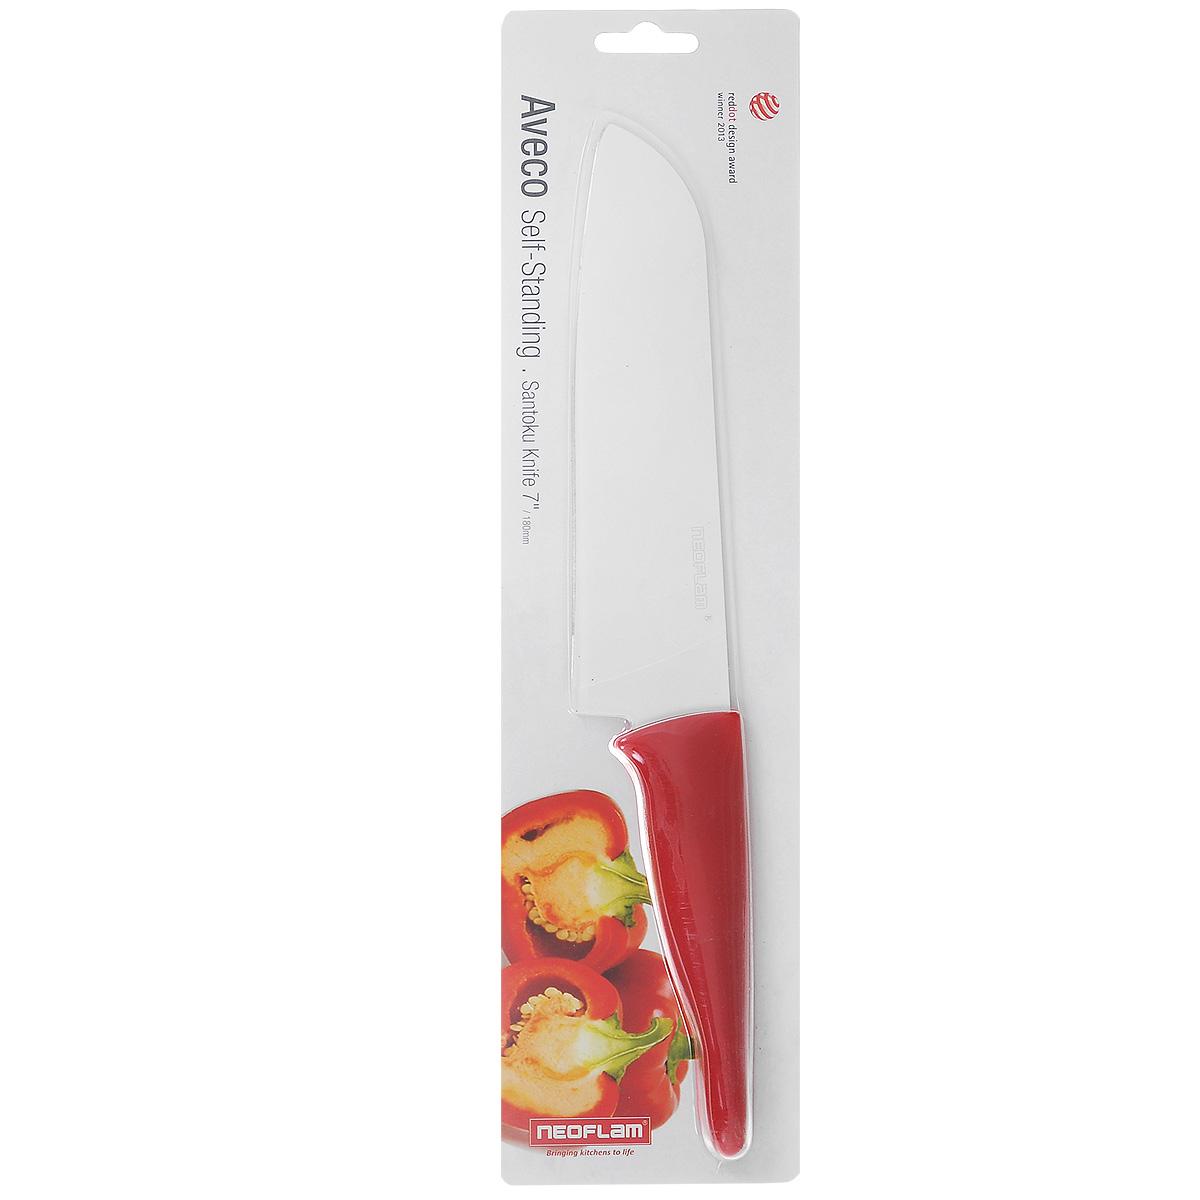 Нож поварской Neoflamt Aveco, цвет: белый, красный, 18 смCK-AP-T18Нож Neoflamt Aveco идеально подходит для резки мяса и рыбы, фруктов и овощей. Лезвие ножа изготовлено из стали, с керамическим покрытием.Уникальная технология двойного закаливания лезвия и оригинальный дизайн сделают такой нож отличным кухонным помощником.Процесс резки происходит плавно и легко. Нож не оставляет после себя запаха и послевкусия стали, что позволяет полностью сохранить свежесть продуктов. Нож устойчив к появлению пятен и коррозии. Лезвие ножа обладает антибактериальными свойствами.Длина лезвия: 18 см.Общая длина ножа: 32 см.